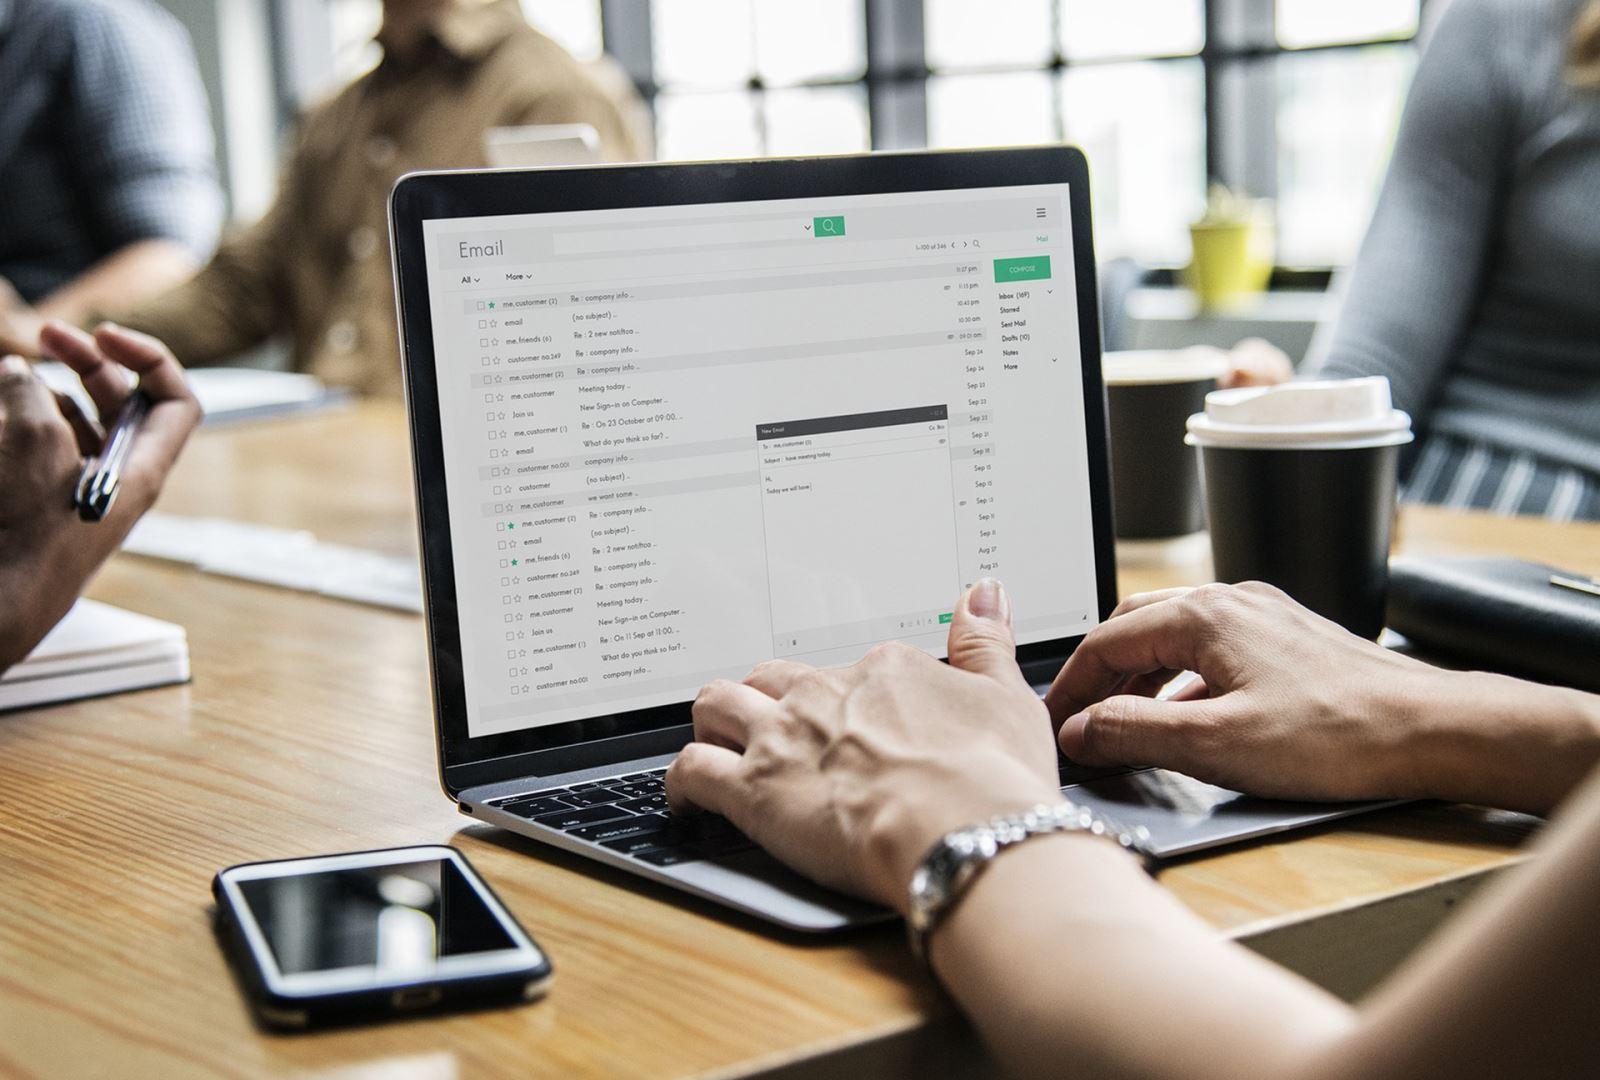 התפתחויות טכנולוגיות רבות עוצמה והשלכותיהן והקשר שלהן לתחום קידום אתרים